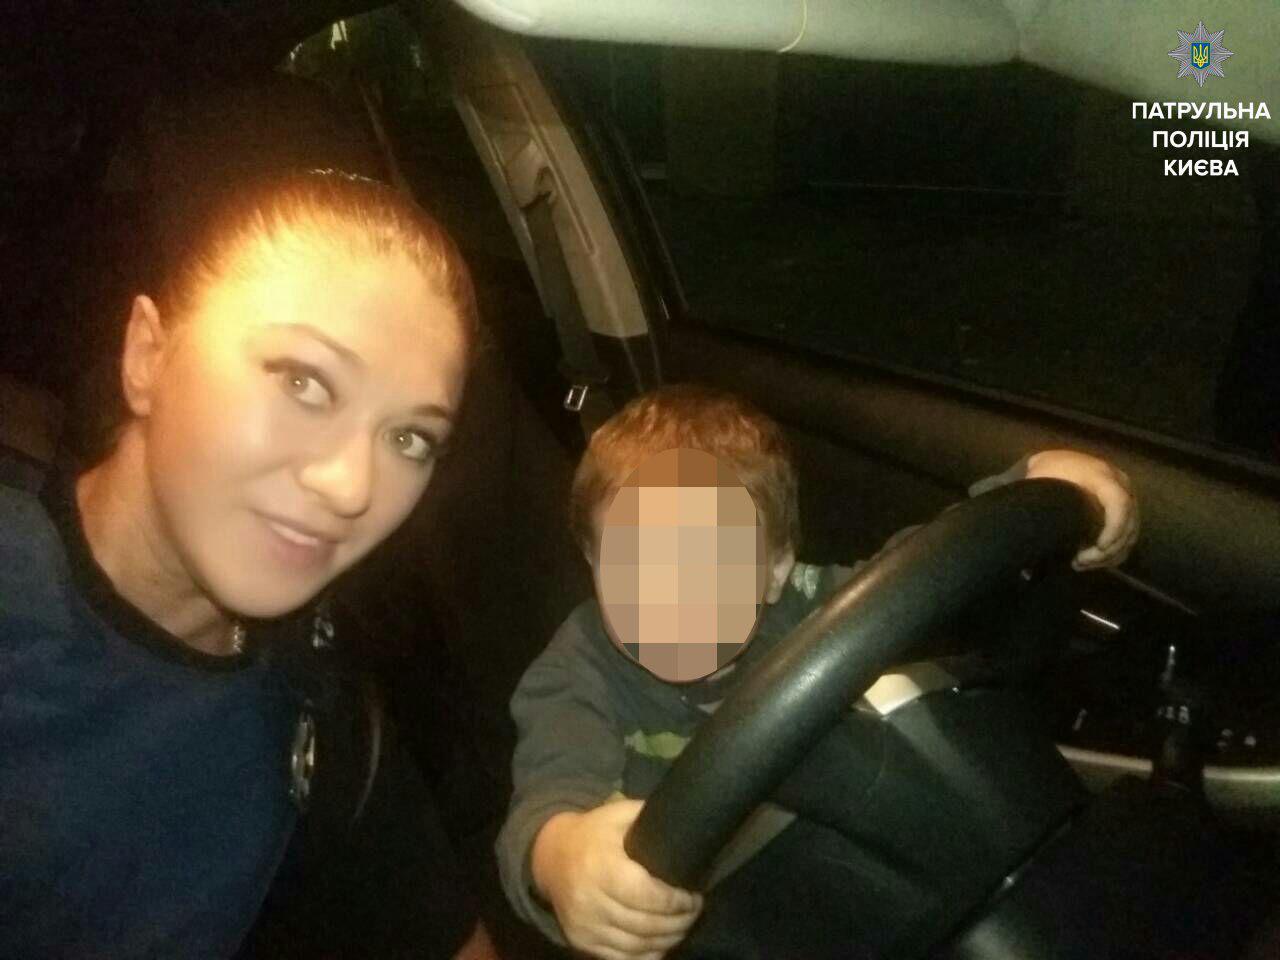 В Киеве пьяная мать пыталась убить своего ребенка